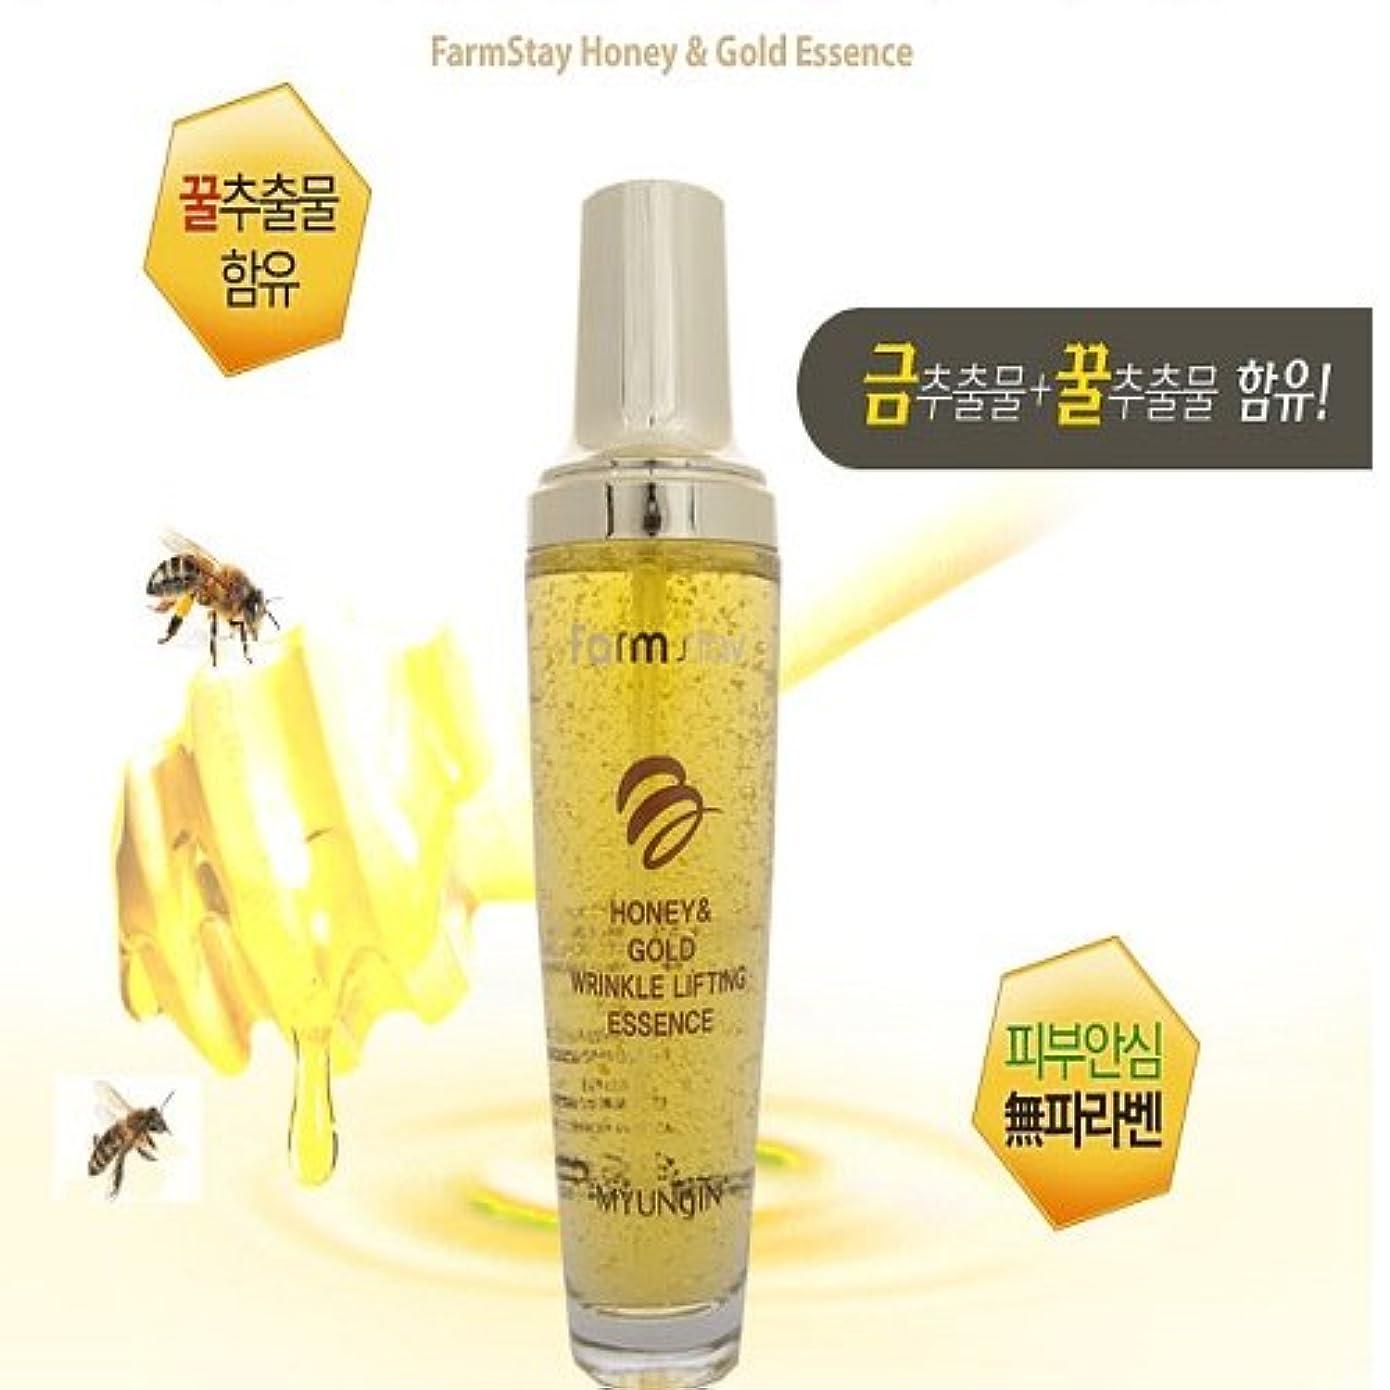 女優サーバ呪われた[FARM STAY] Honey & Gold Wrinkle Lifting Essence 130ml